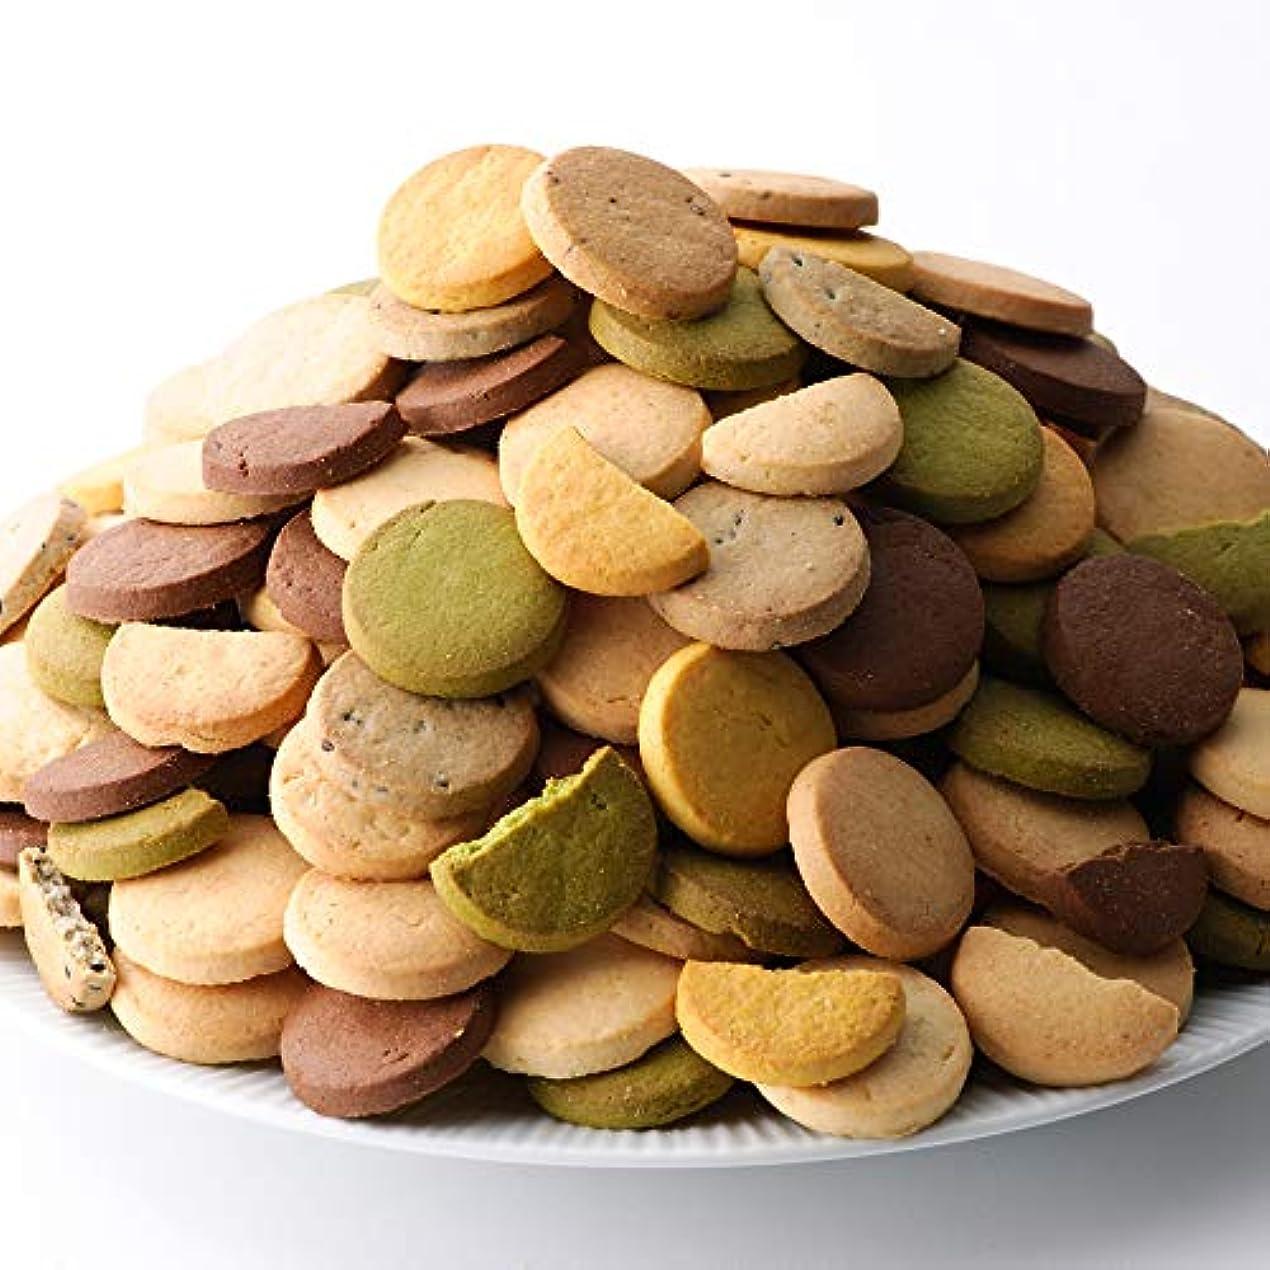 リアル乏しい土豆乳おからクッキー 1kg(200g×5袋)1枚約16kcal